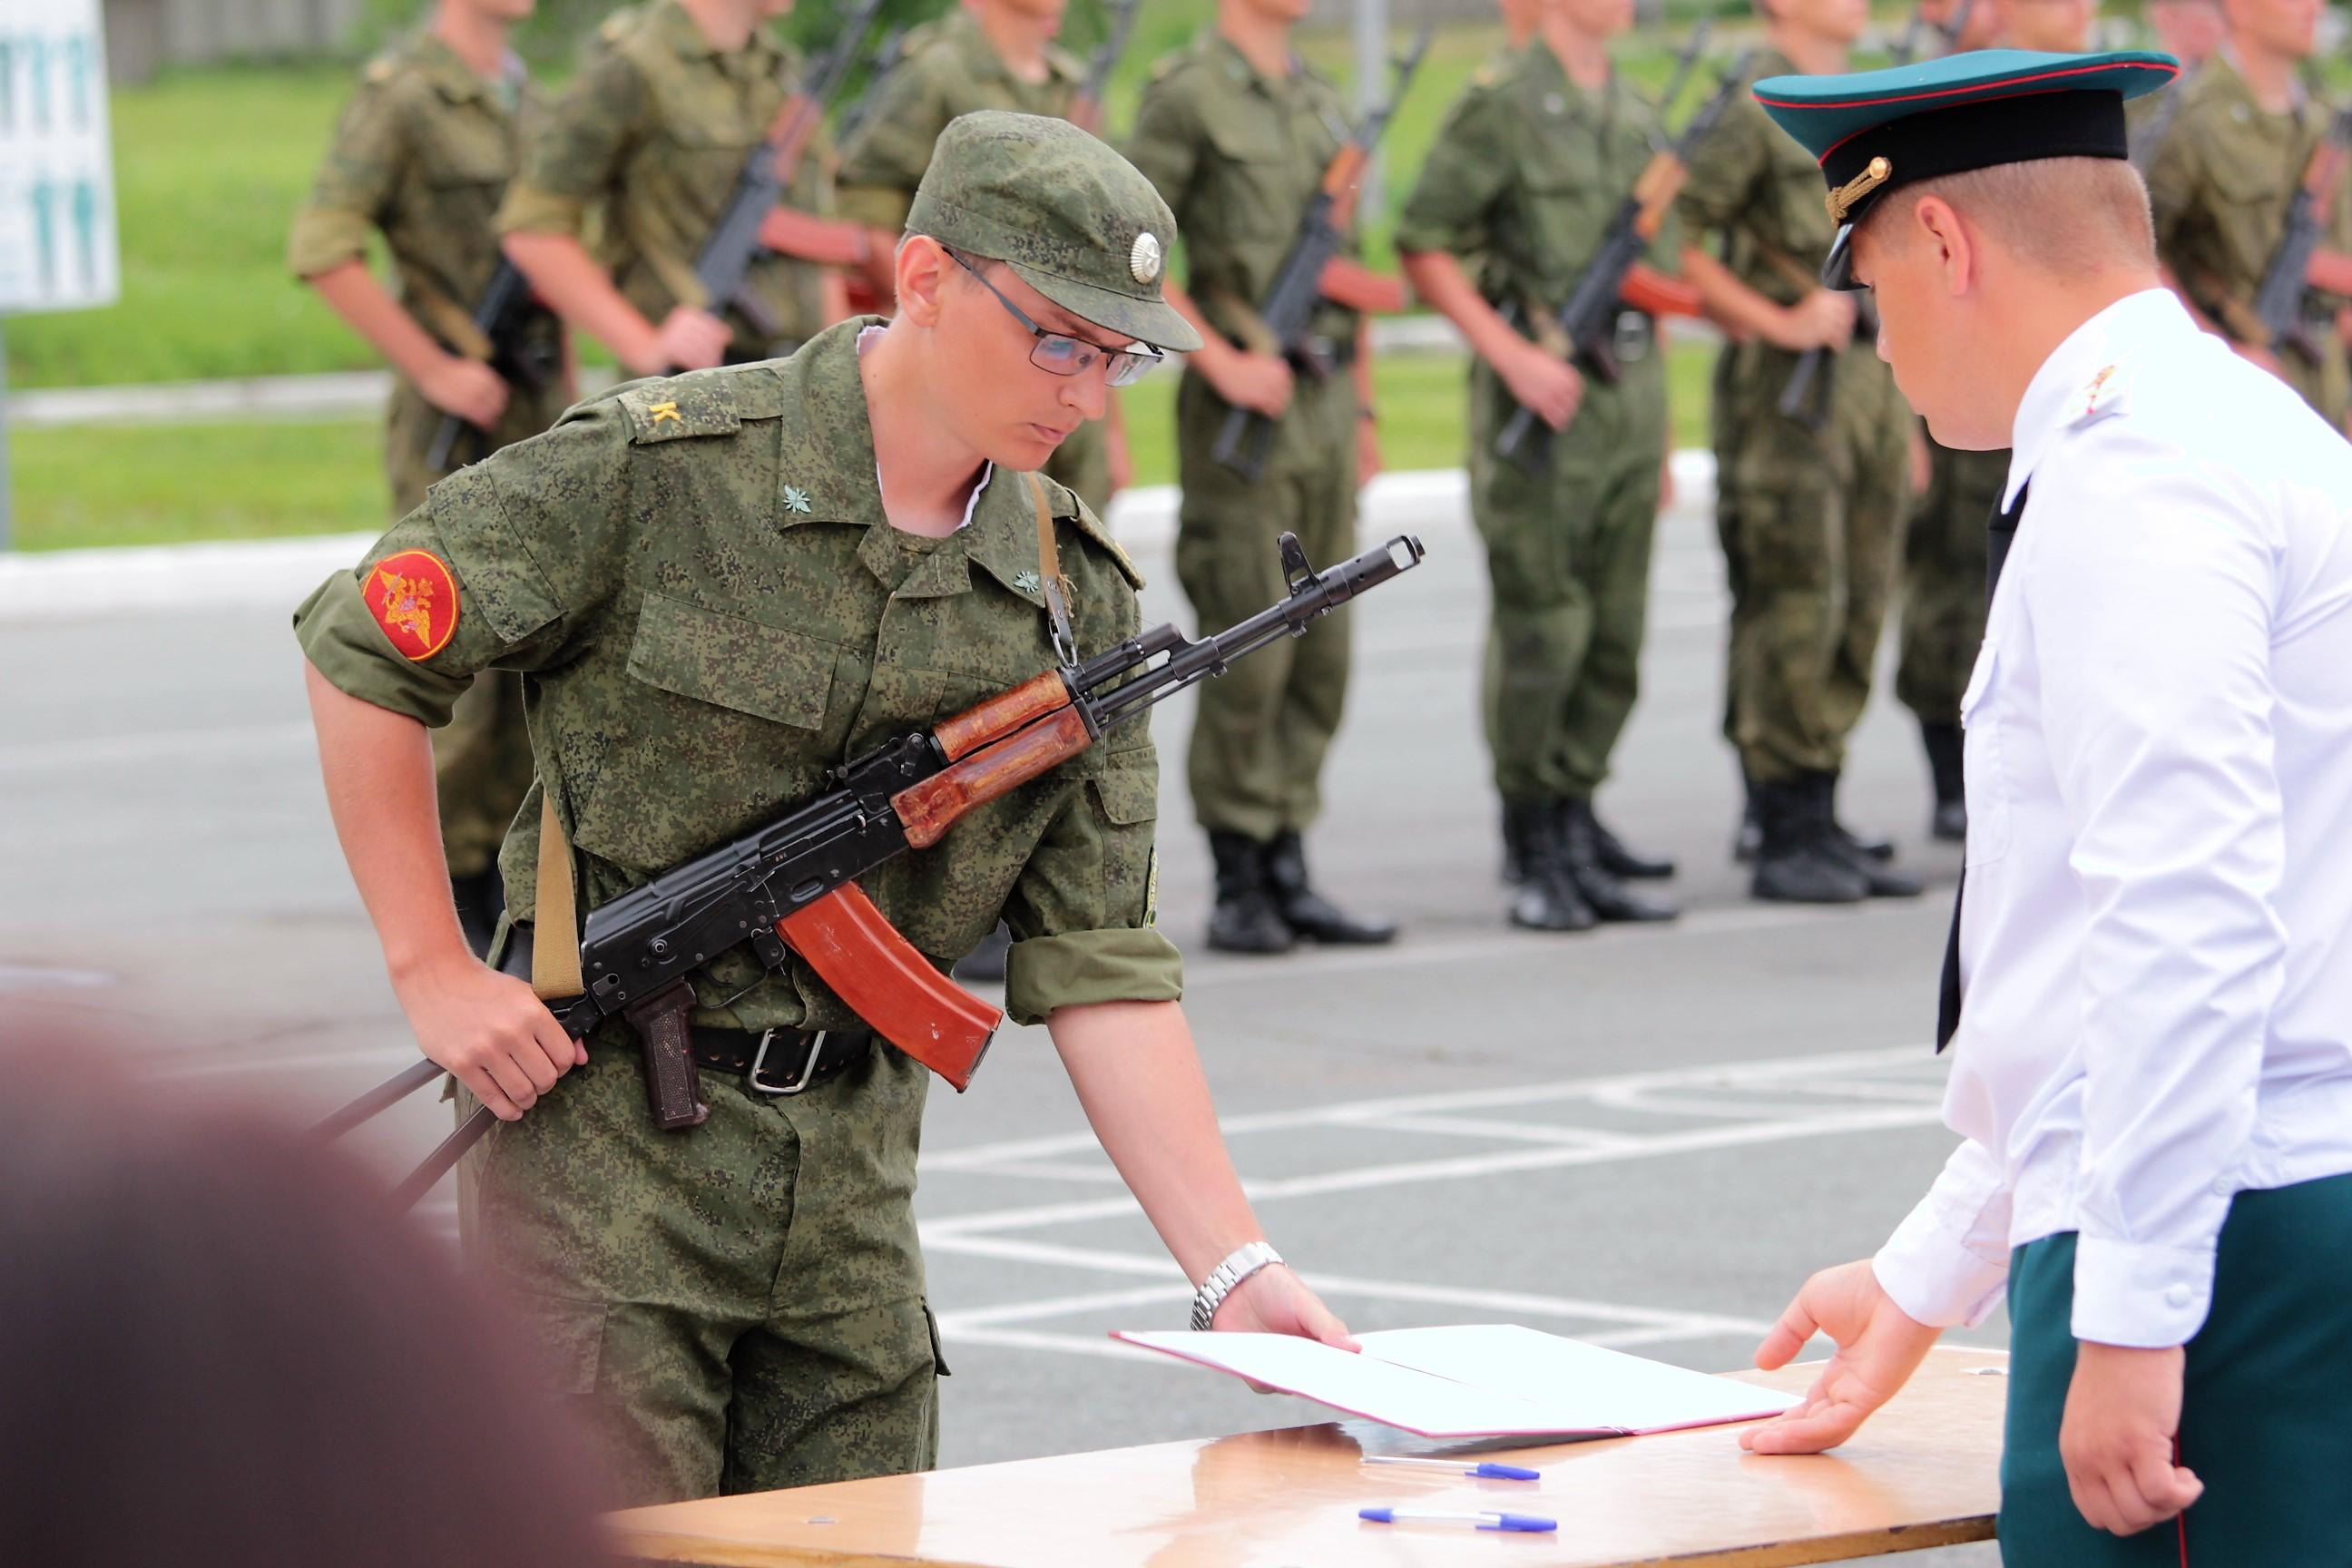 Военная присяга – клятва воина на верность родине | сми oboznik - личность, общество, армия, государство